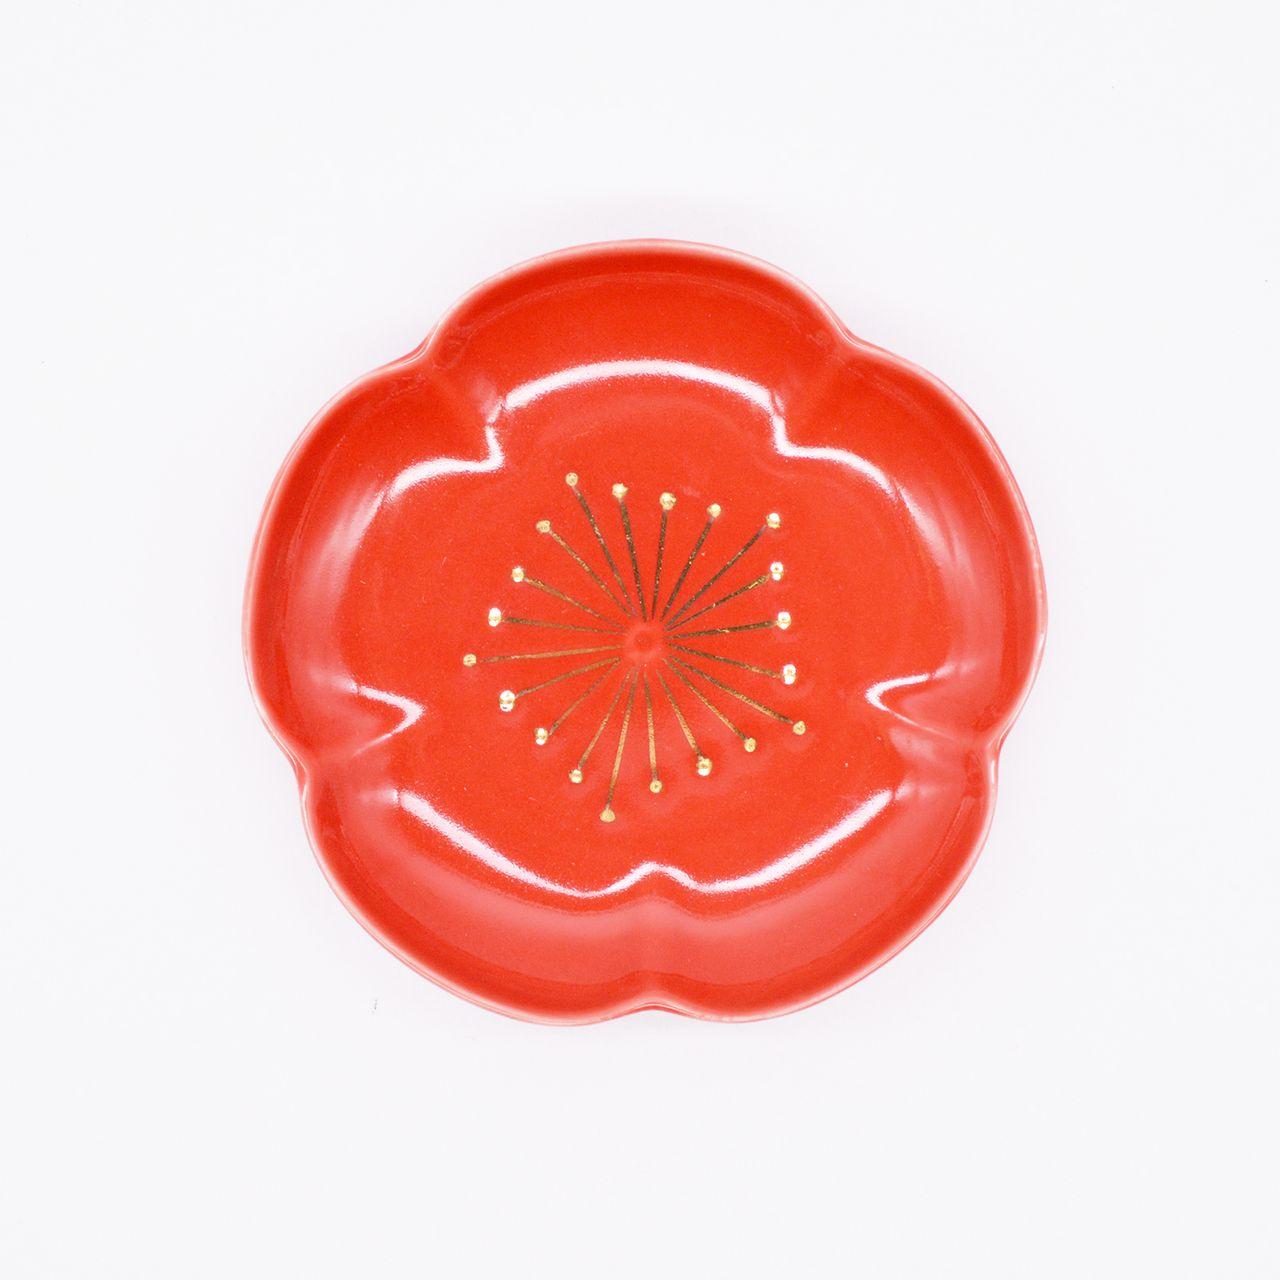 【限定1点 アウトレット品】有田焼 梅型3寸 皿 赤 252830 豆豆市051